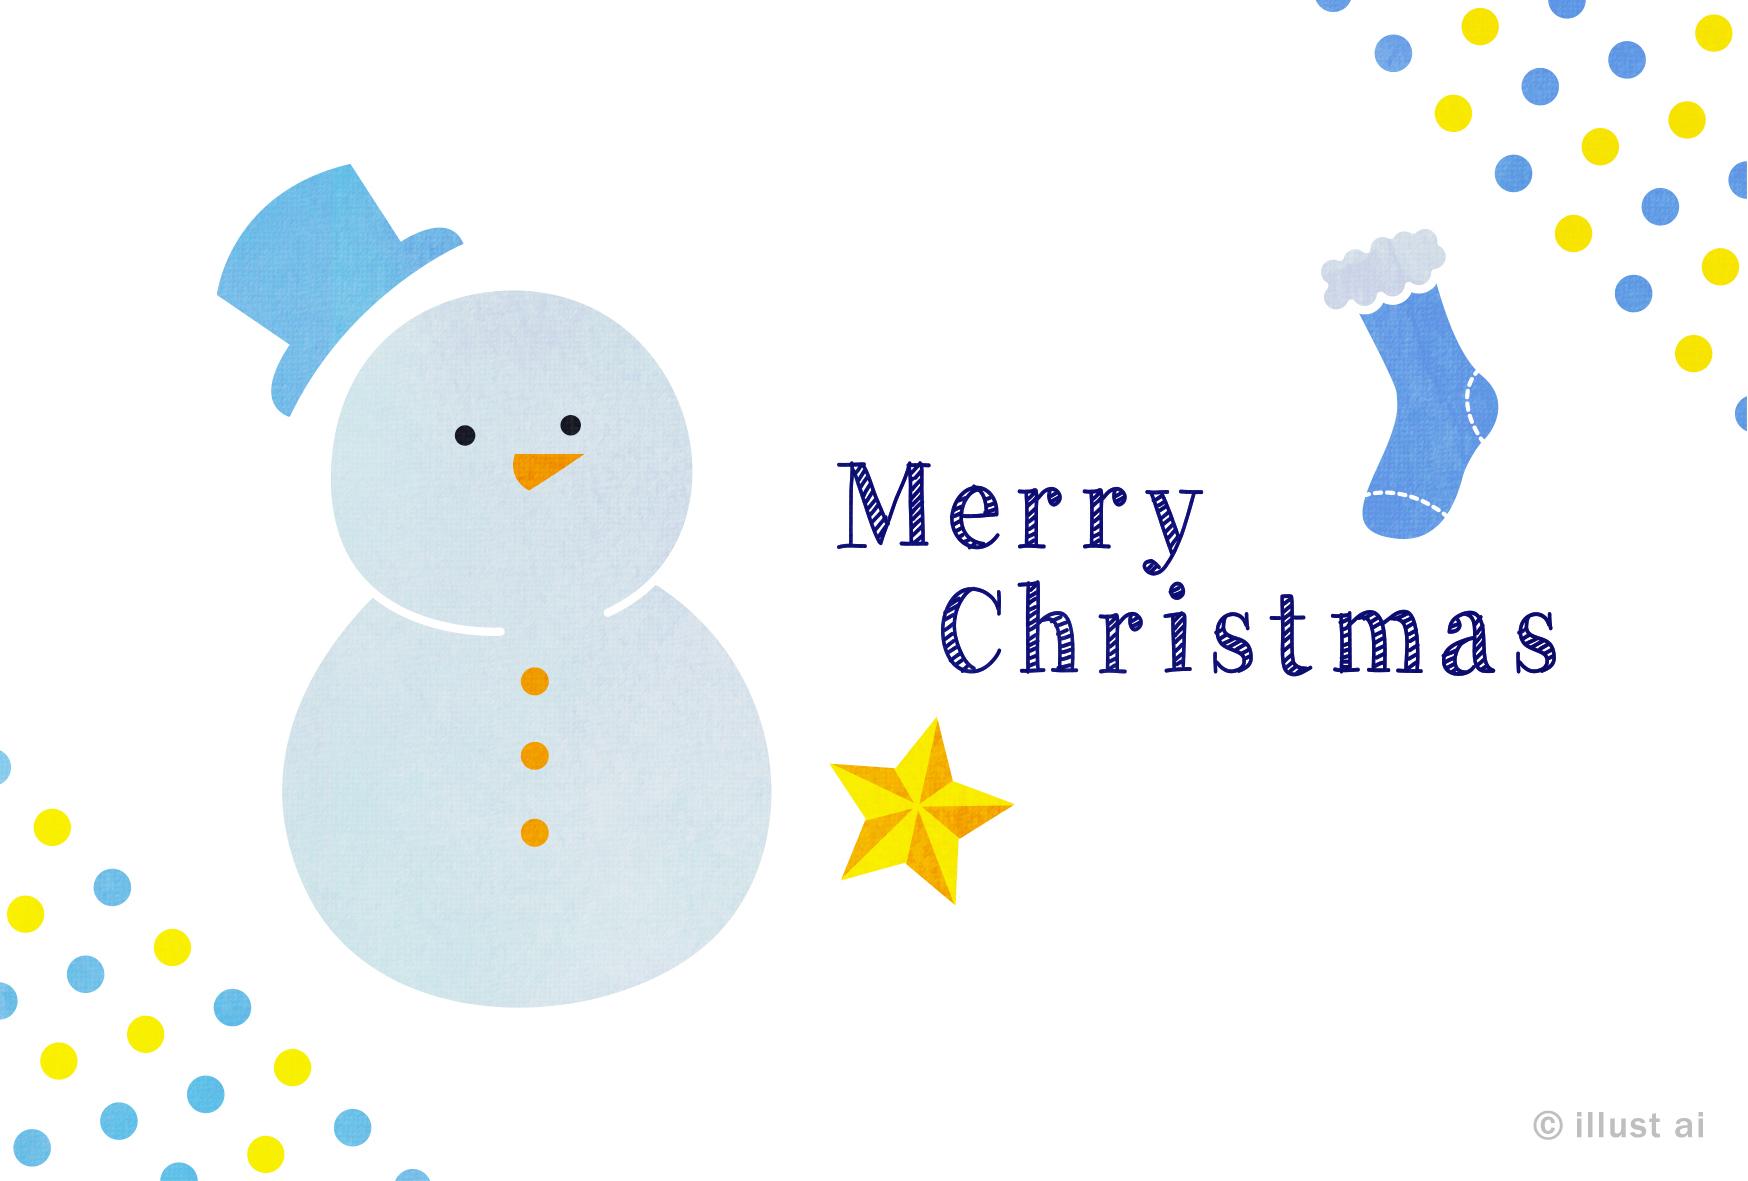 手書きっぽい雪だるま 靴下 クリスマスカードテンプレート ポストカード イラスト素材サイト イラストareira Postcard Template